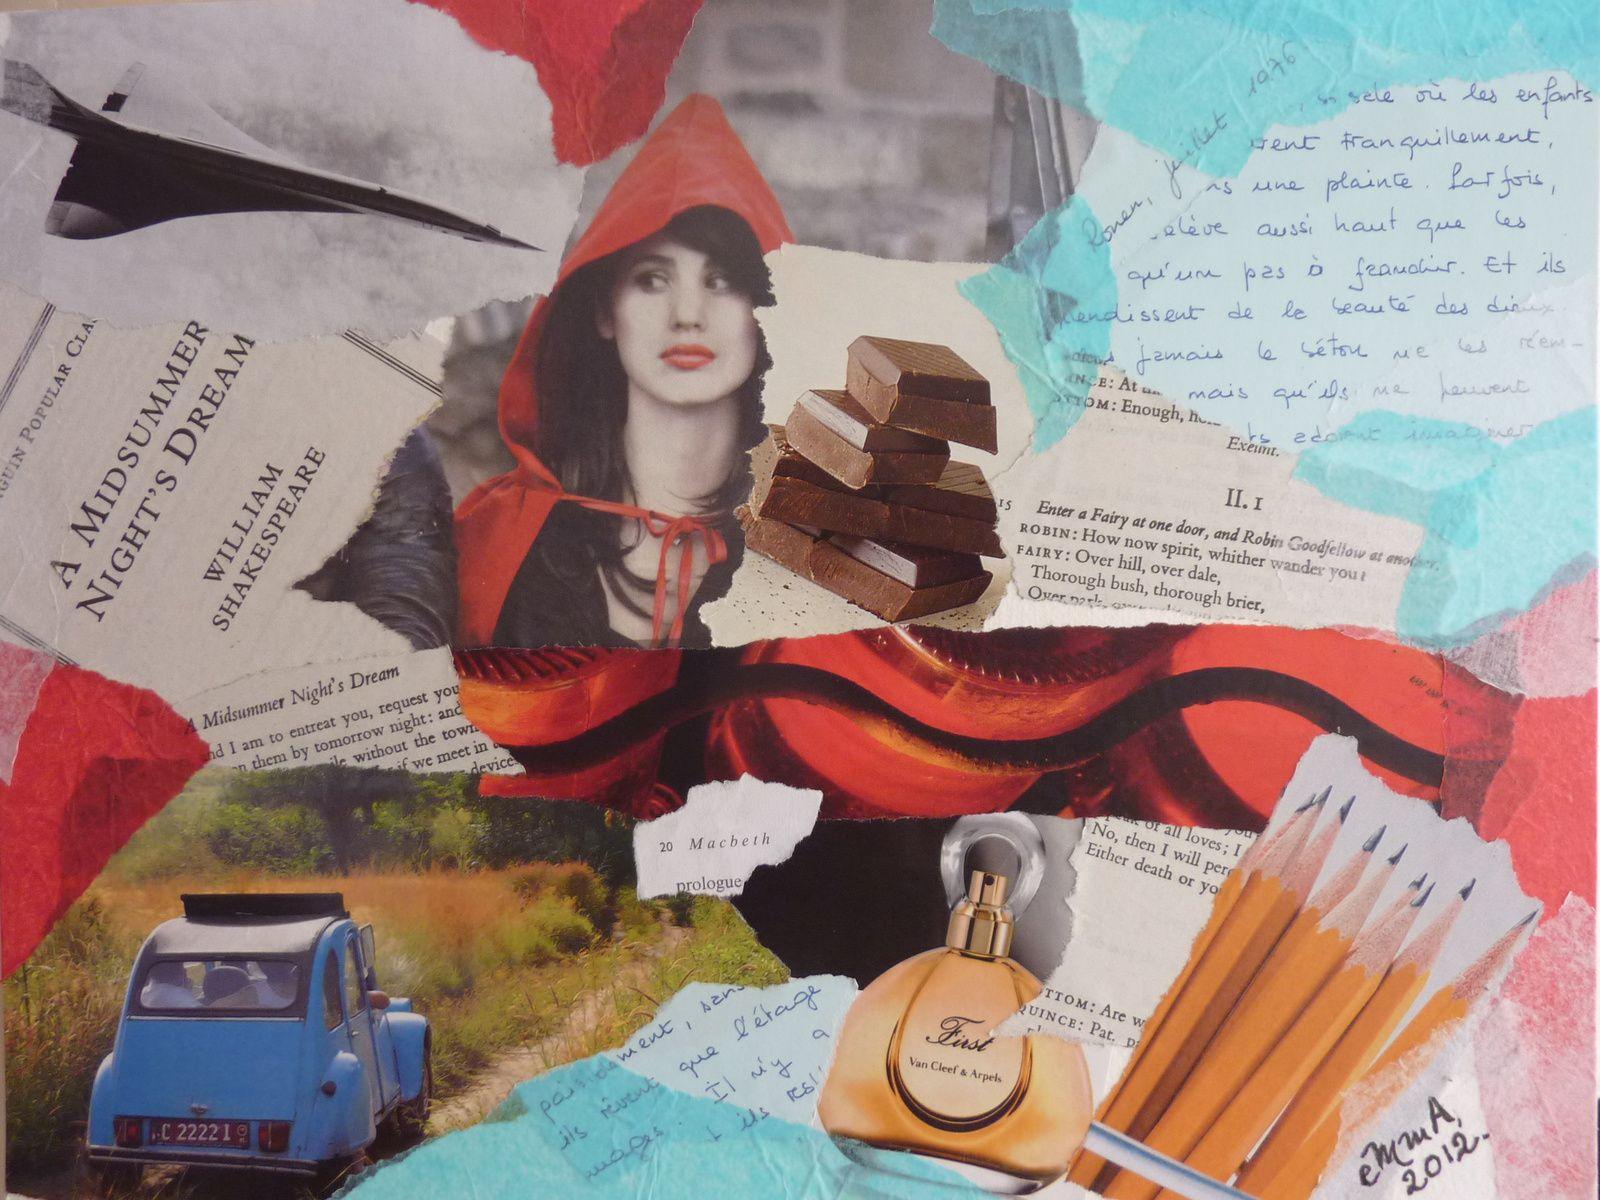 """Les Collages d'eMmA MessanA, collage """"1976, être ou ne pas être prof d'anglais ?"""", pièce unique"""